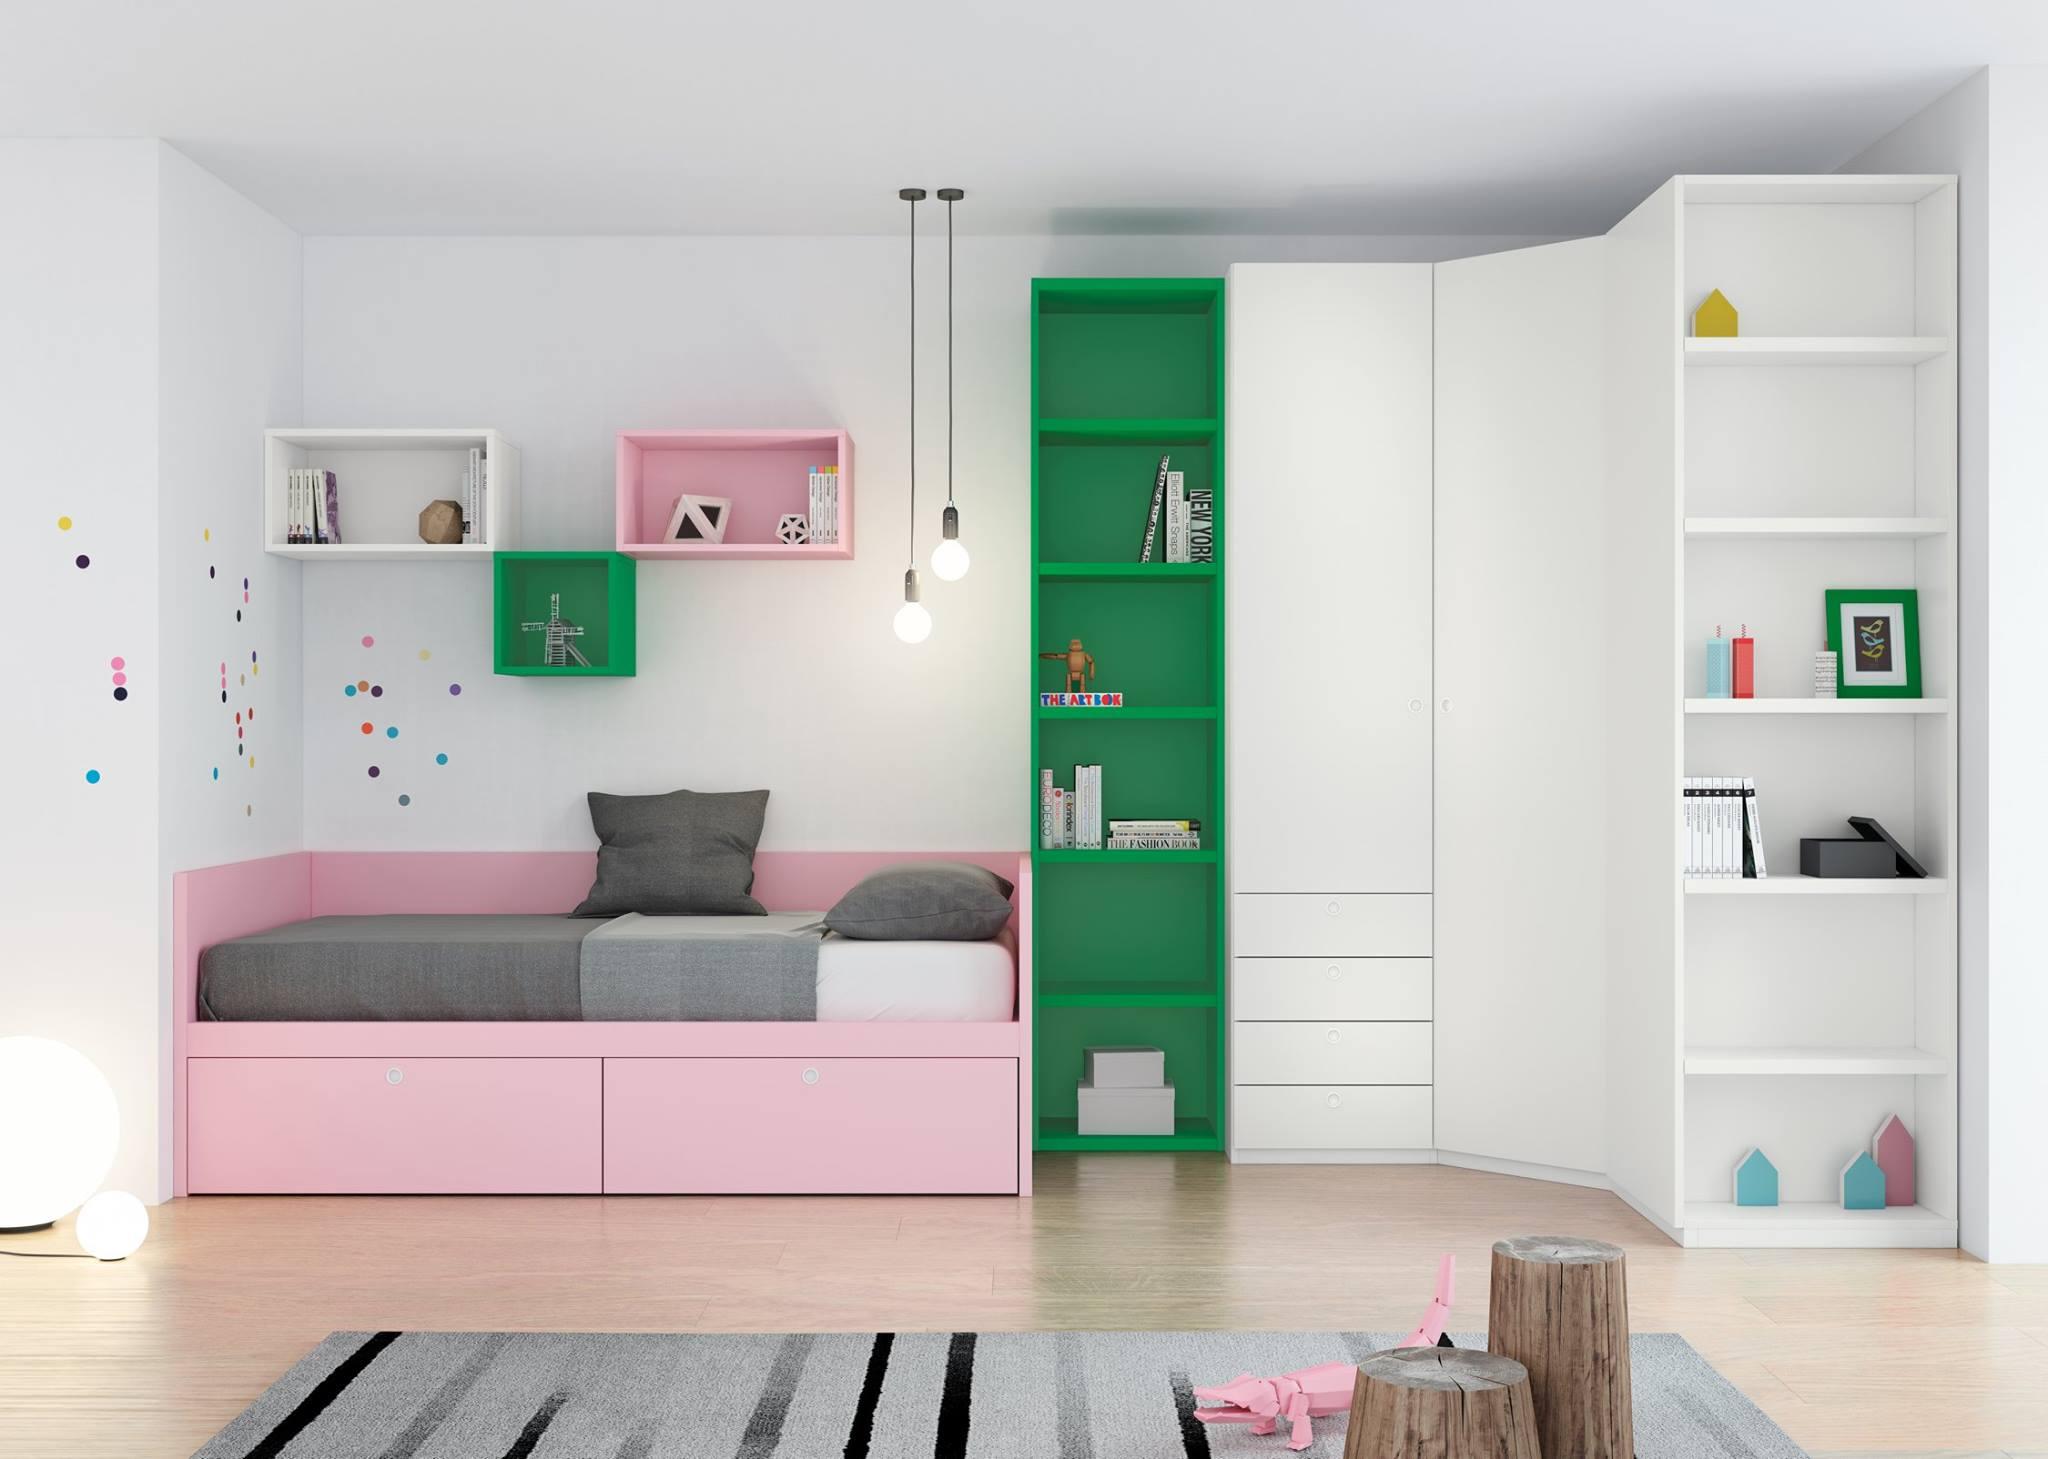 Dormitorios juveniles en barcelona cheap literas - Dormitorios juveniles ...